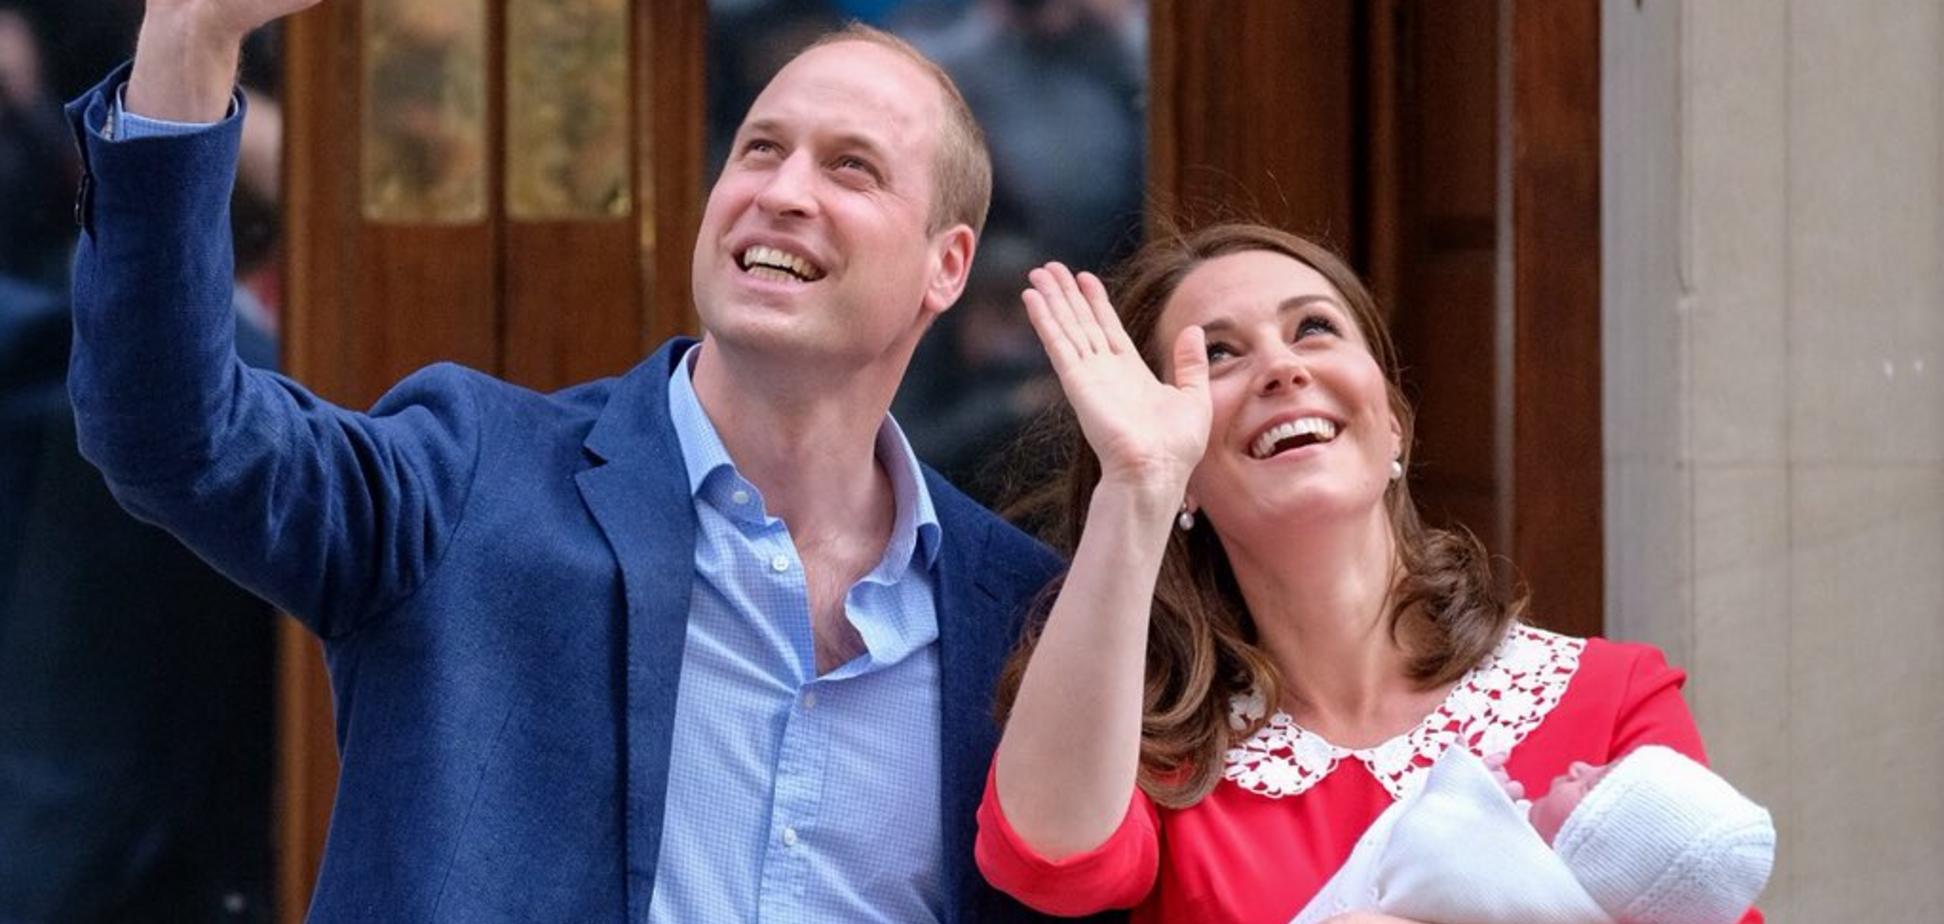 Кейт Міддлтон народила: з'явилися перші фото новонародженого принца